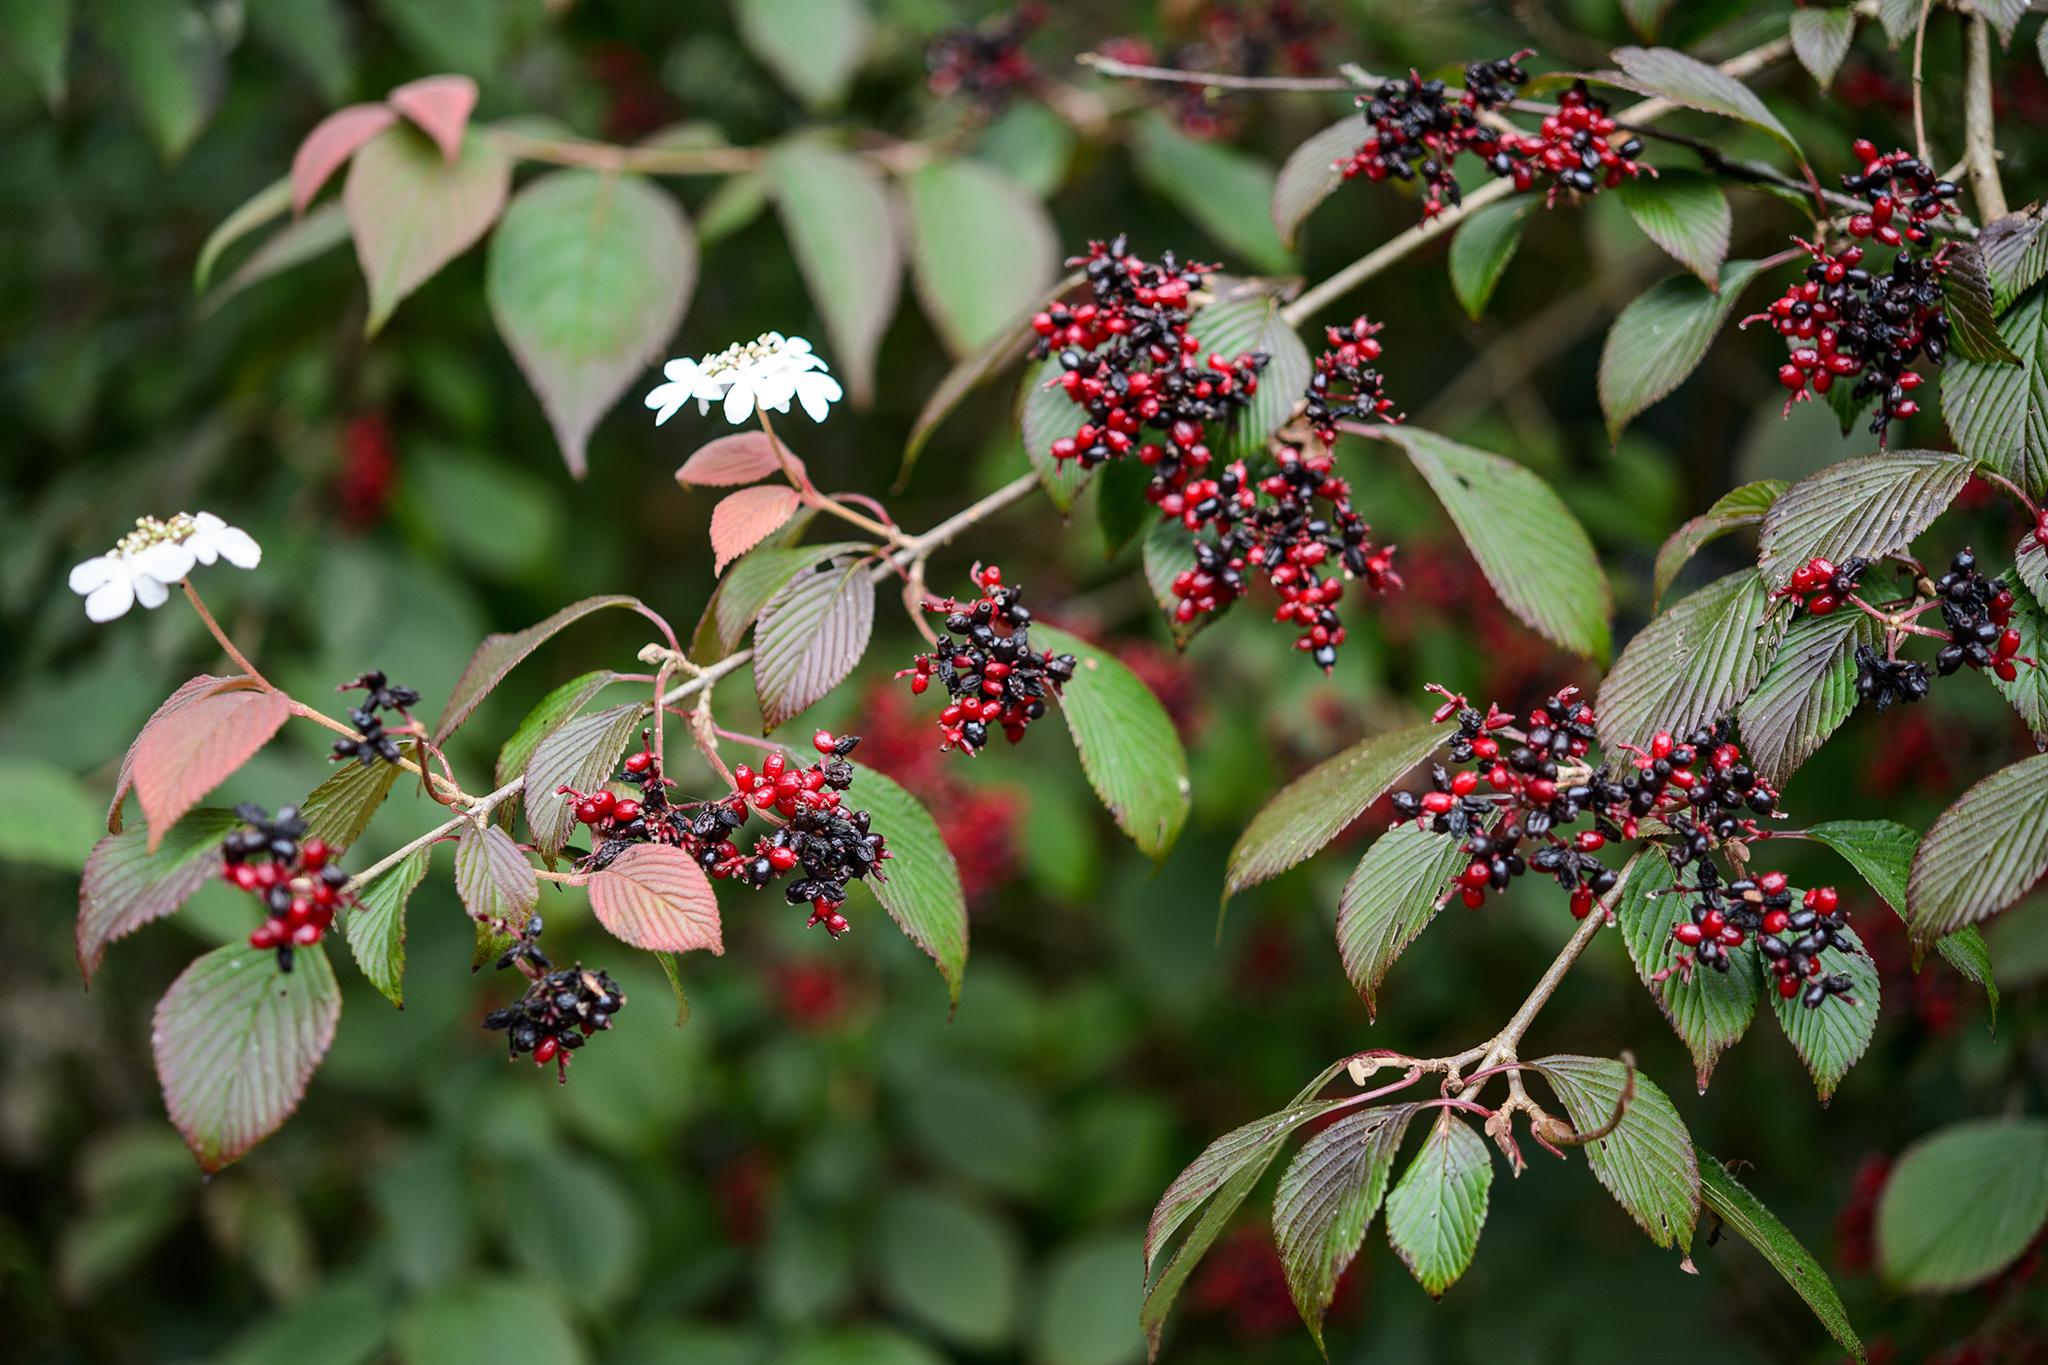 viburnum-plicatum-f-tomentosum-darts-red-robin-3